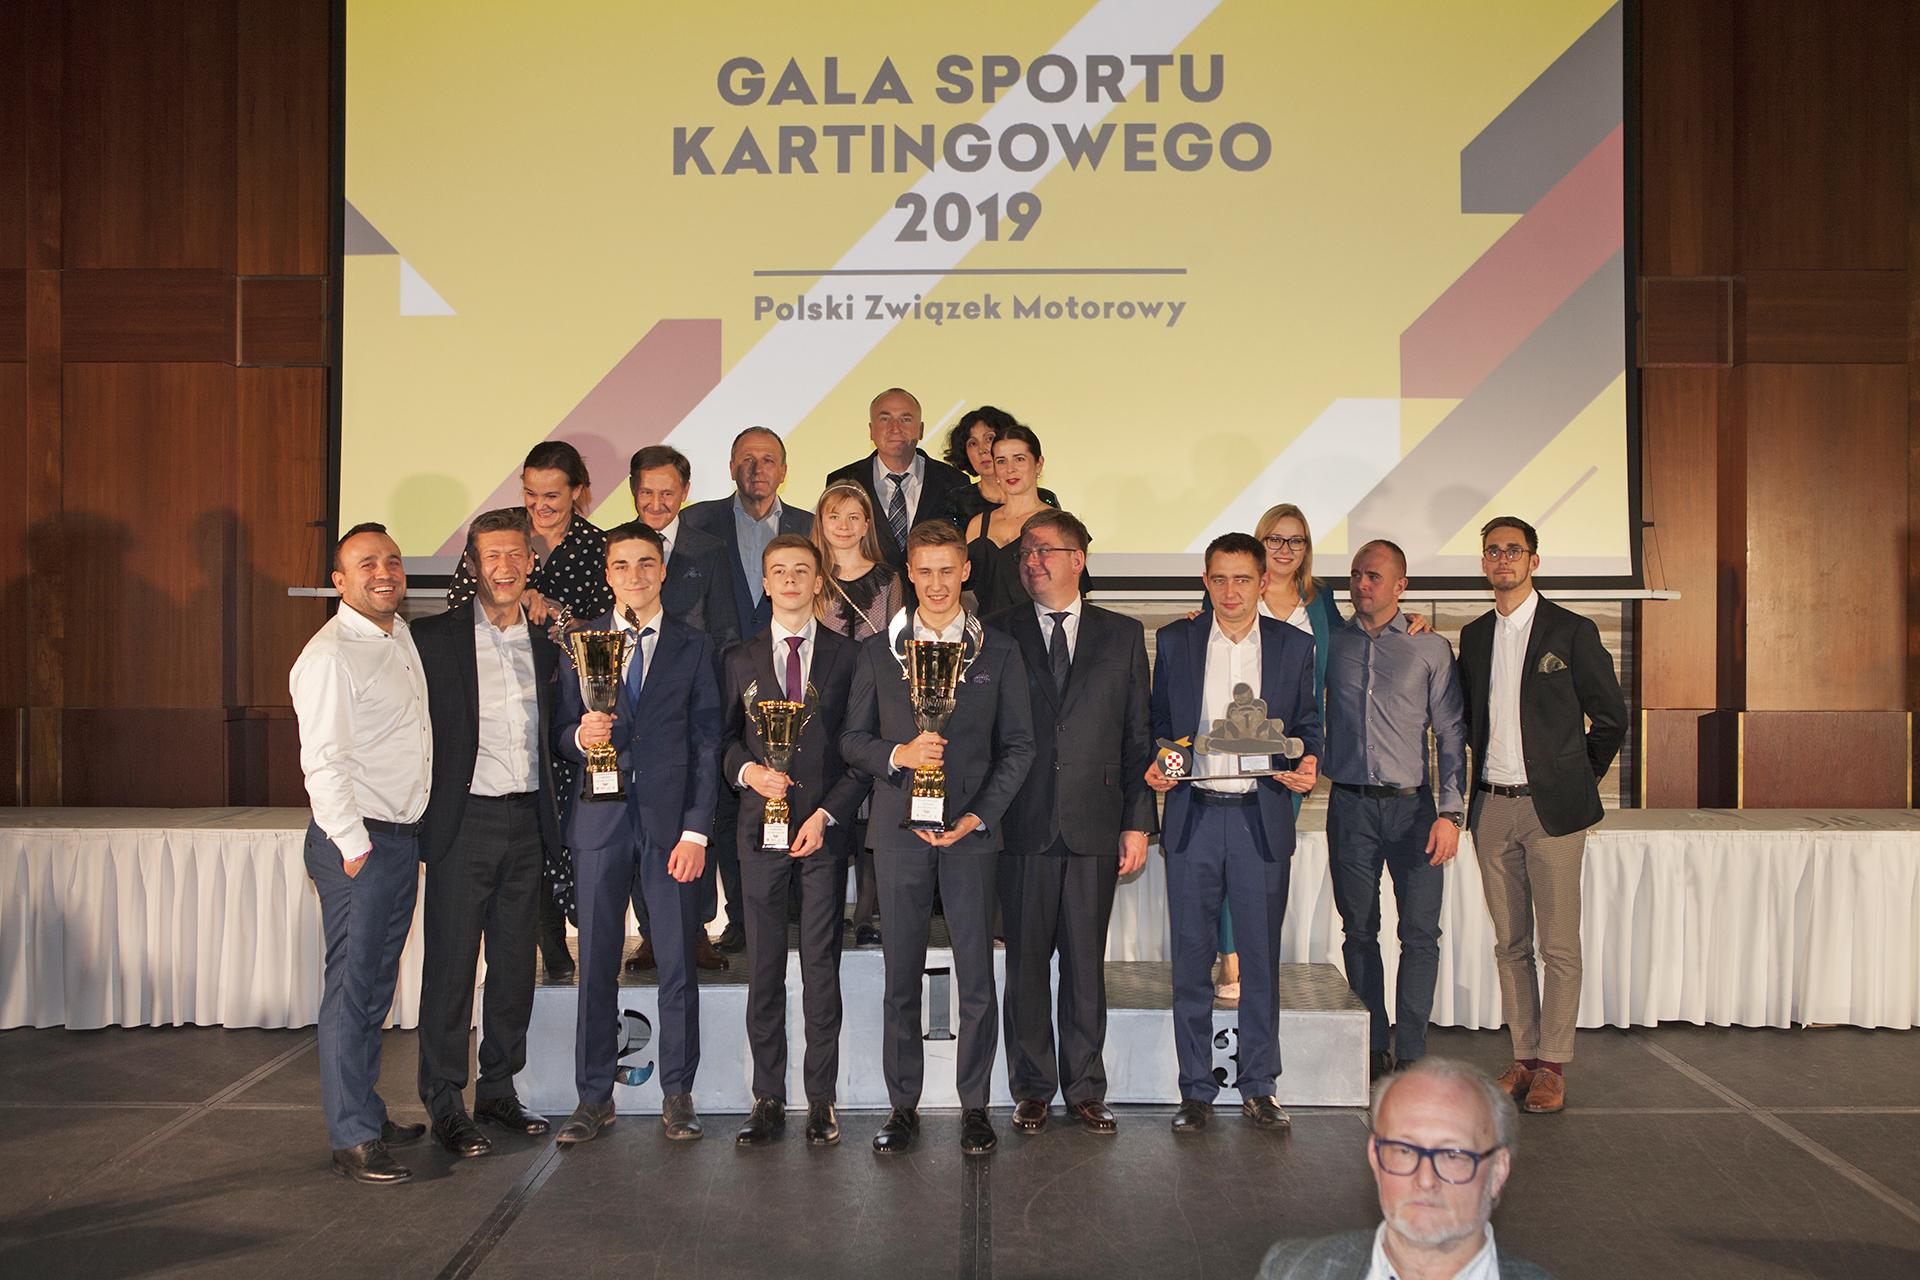 Gala Sportu Kartingowego 2019